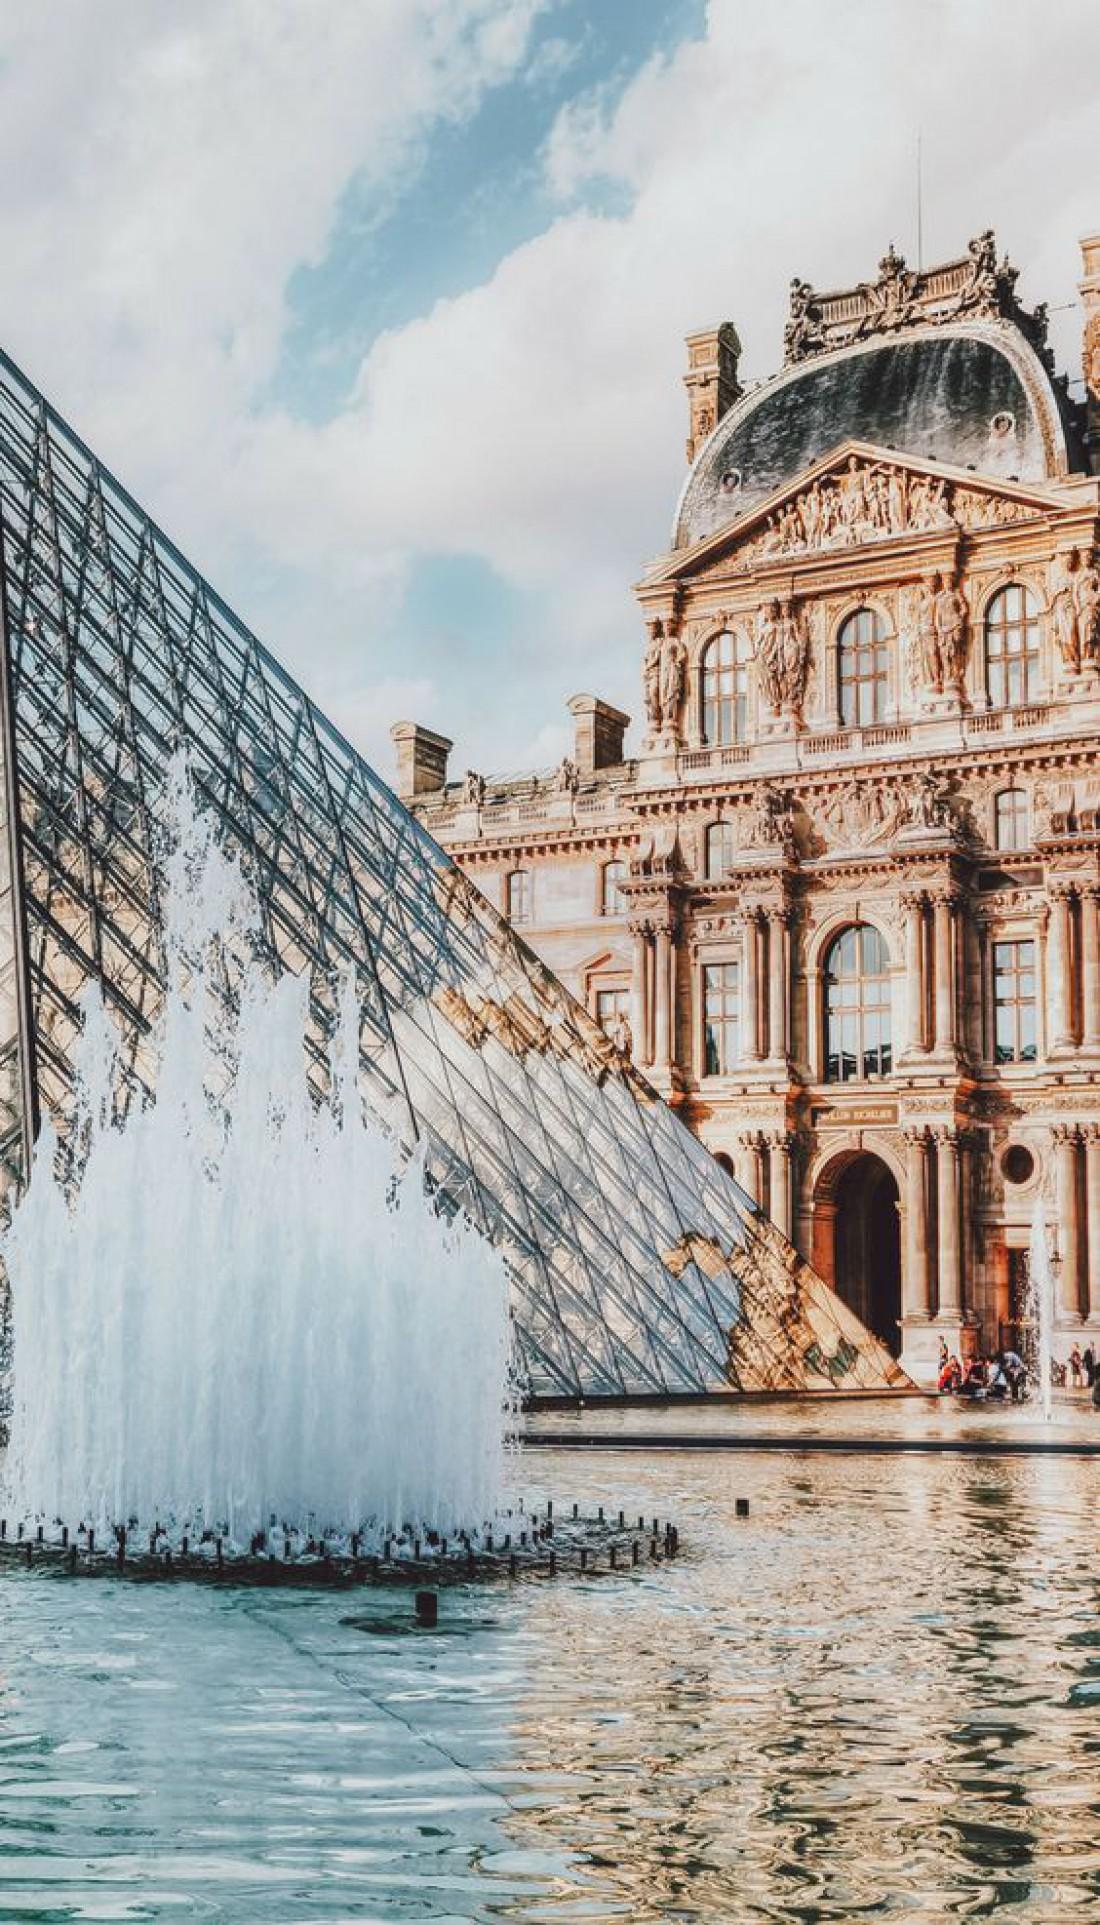 Музей Лувра восхищает своим величием